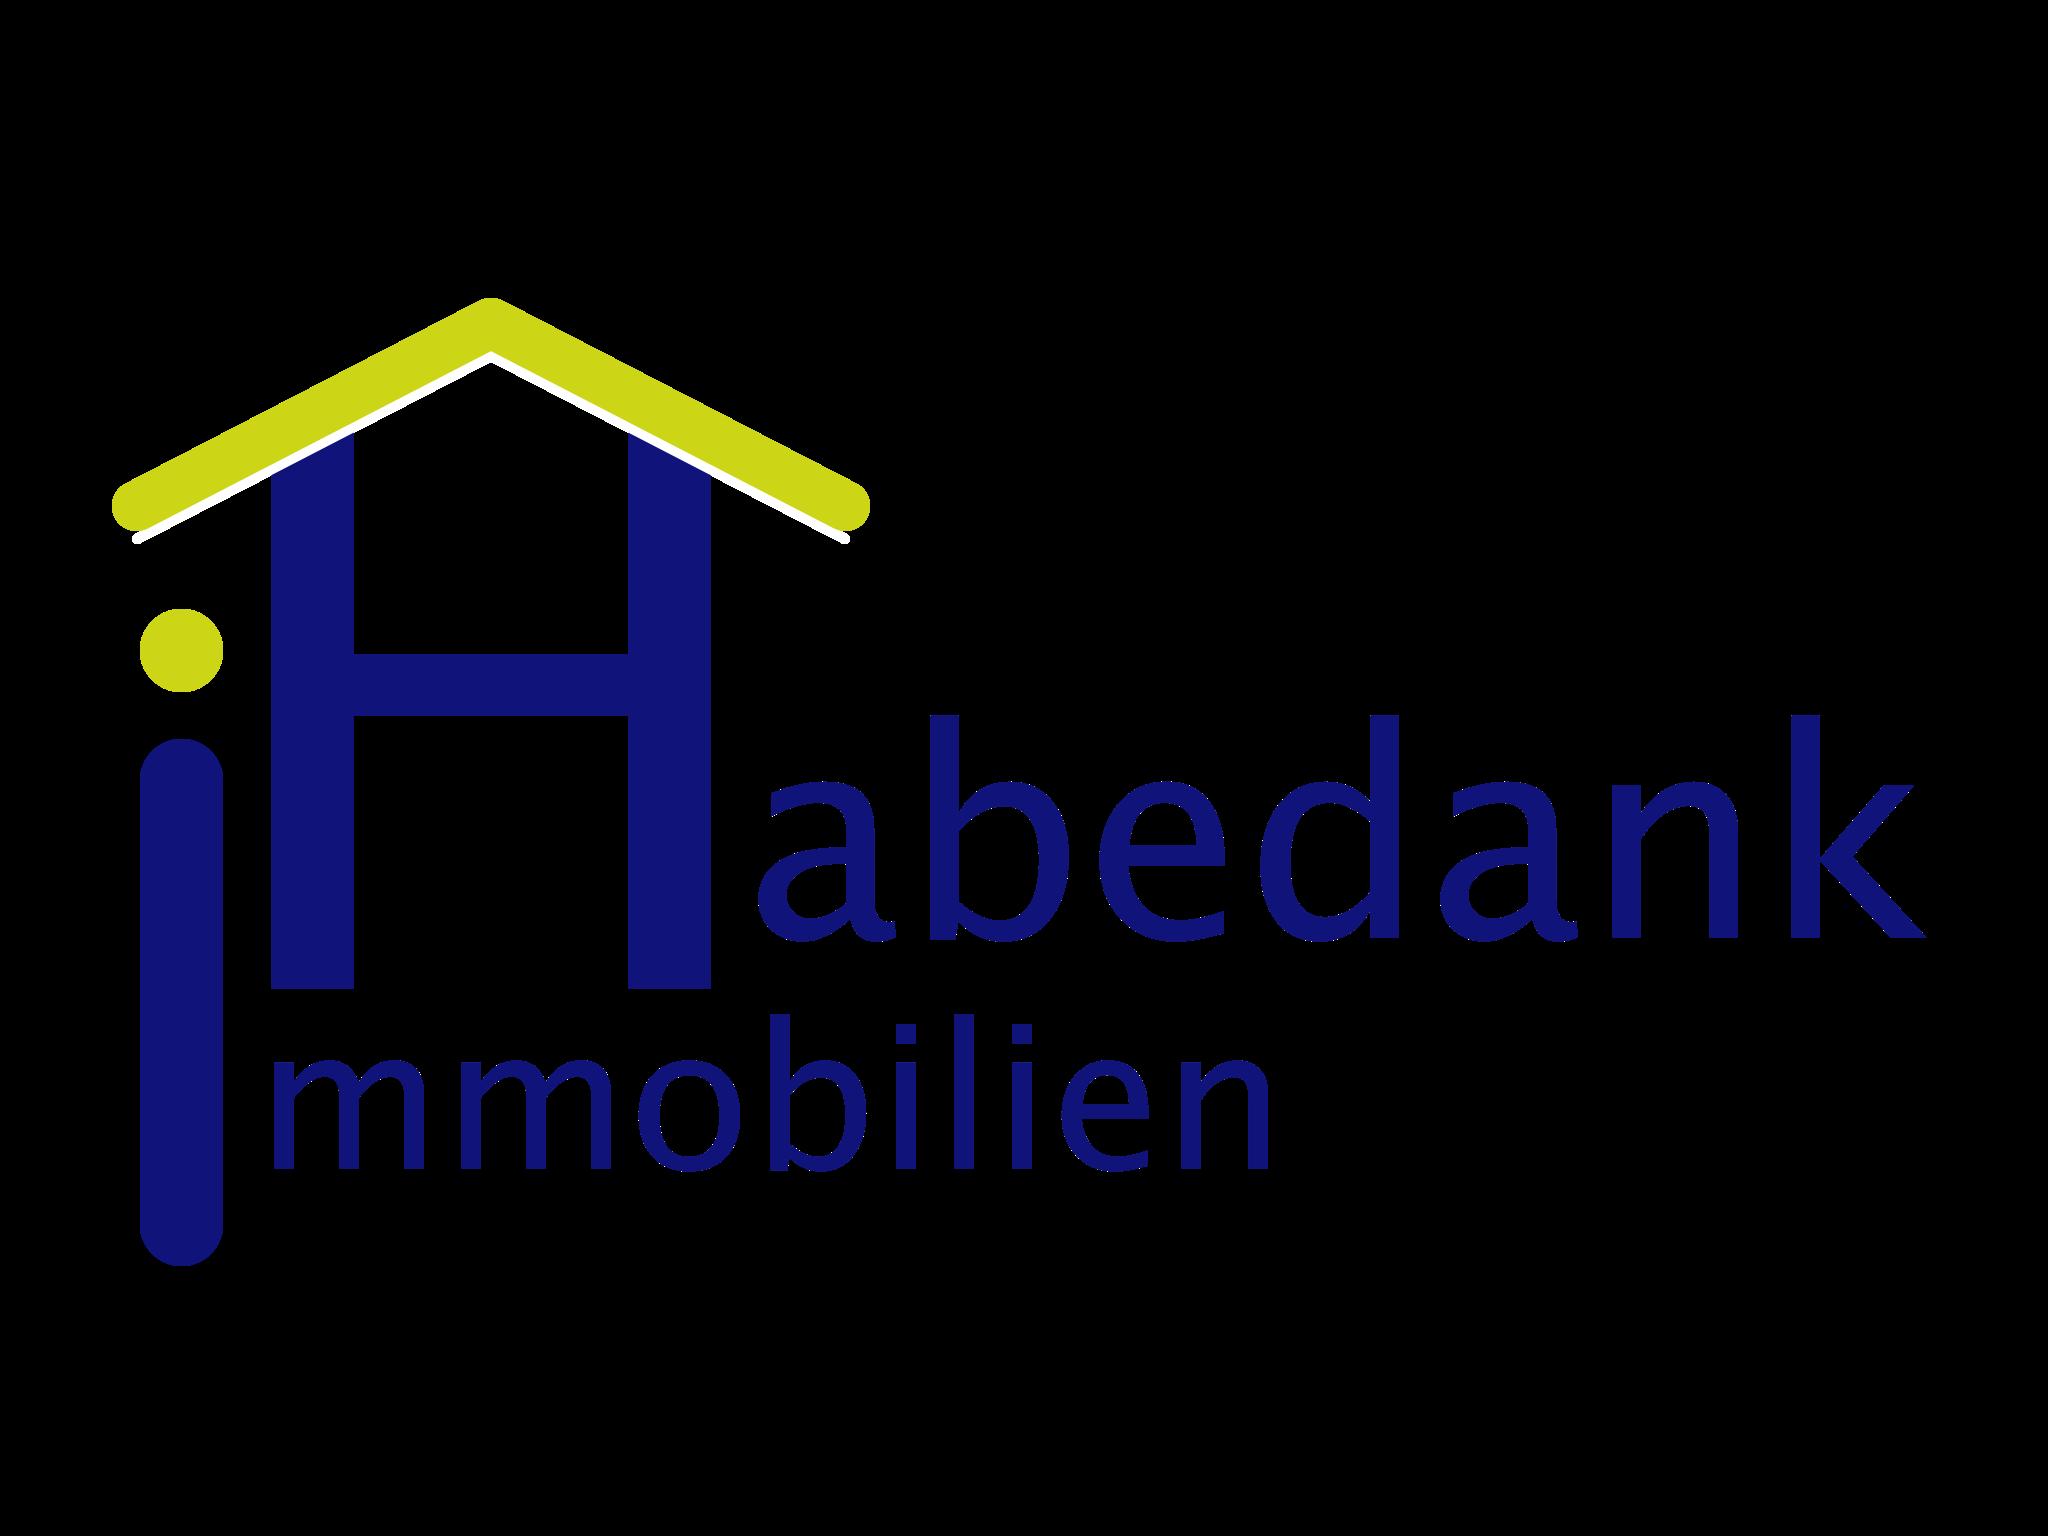 Hier sehen Sie das Logo von Habedank Immobilien